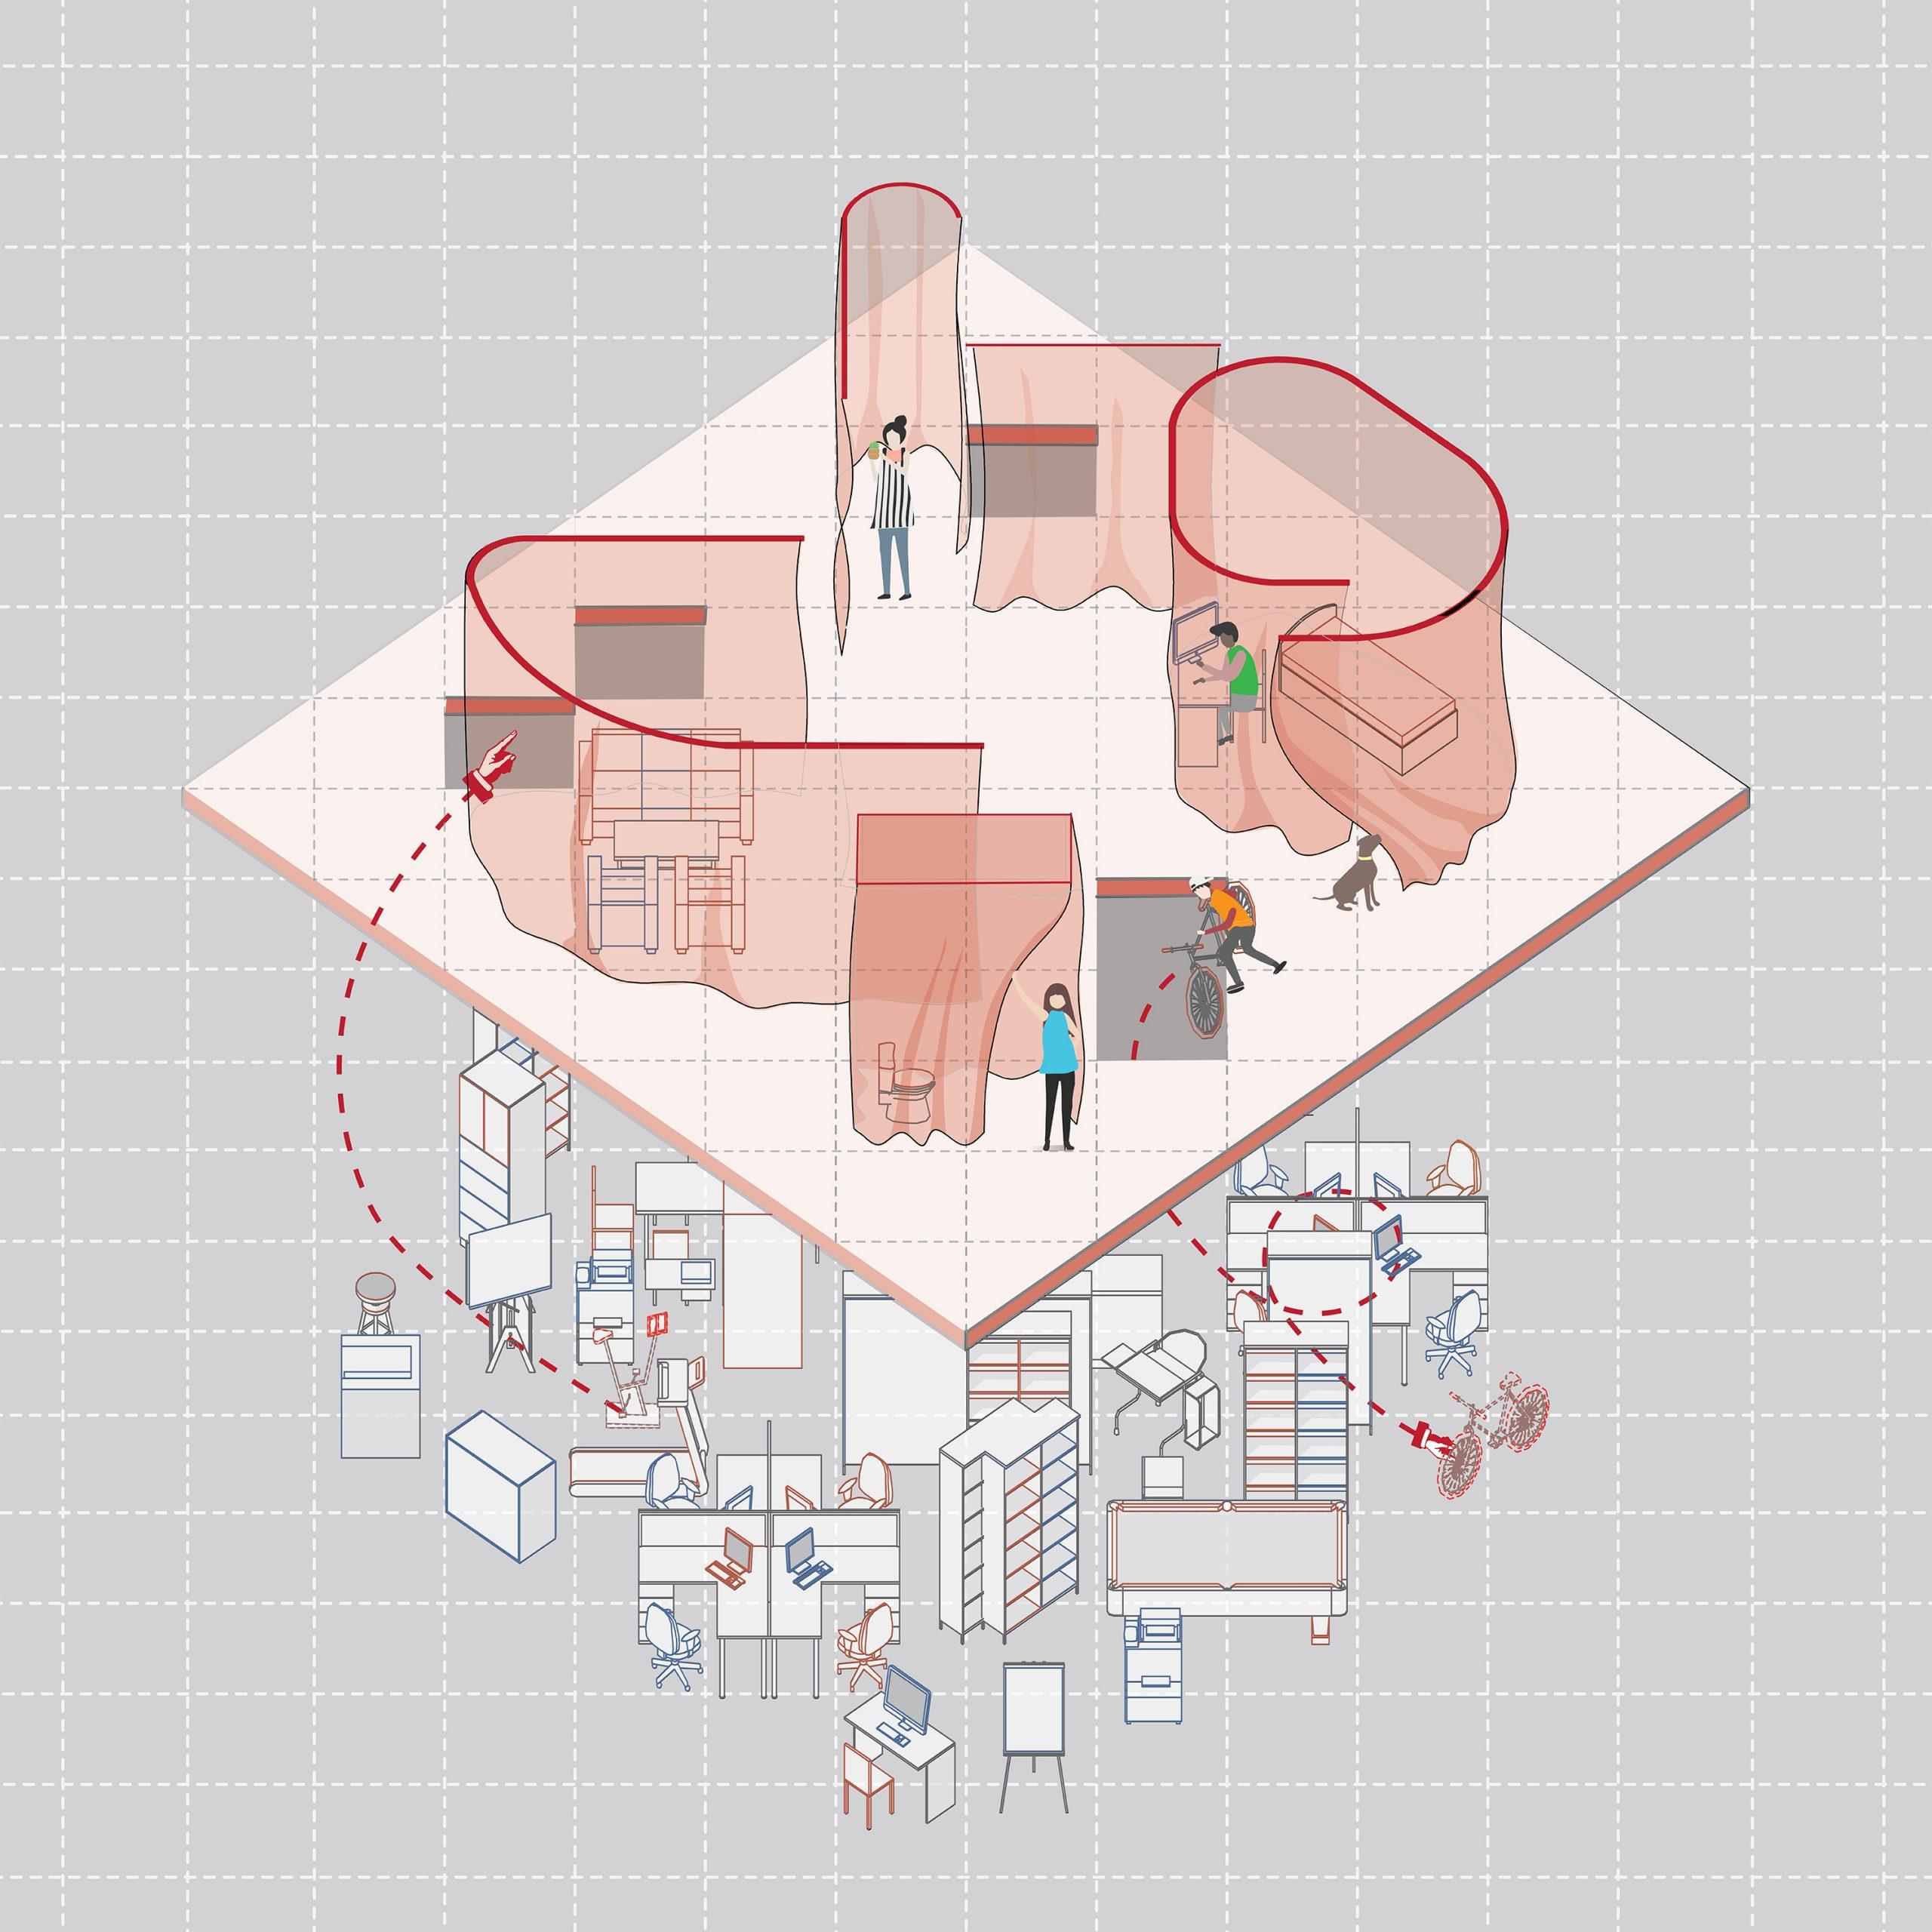 Project by Pau Hiu Wing Kathy, Tong Samuel Ho Yin & Yiu Chi Ho Kenny